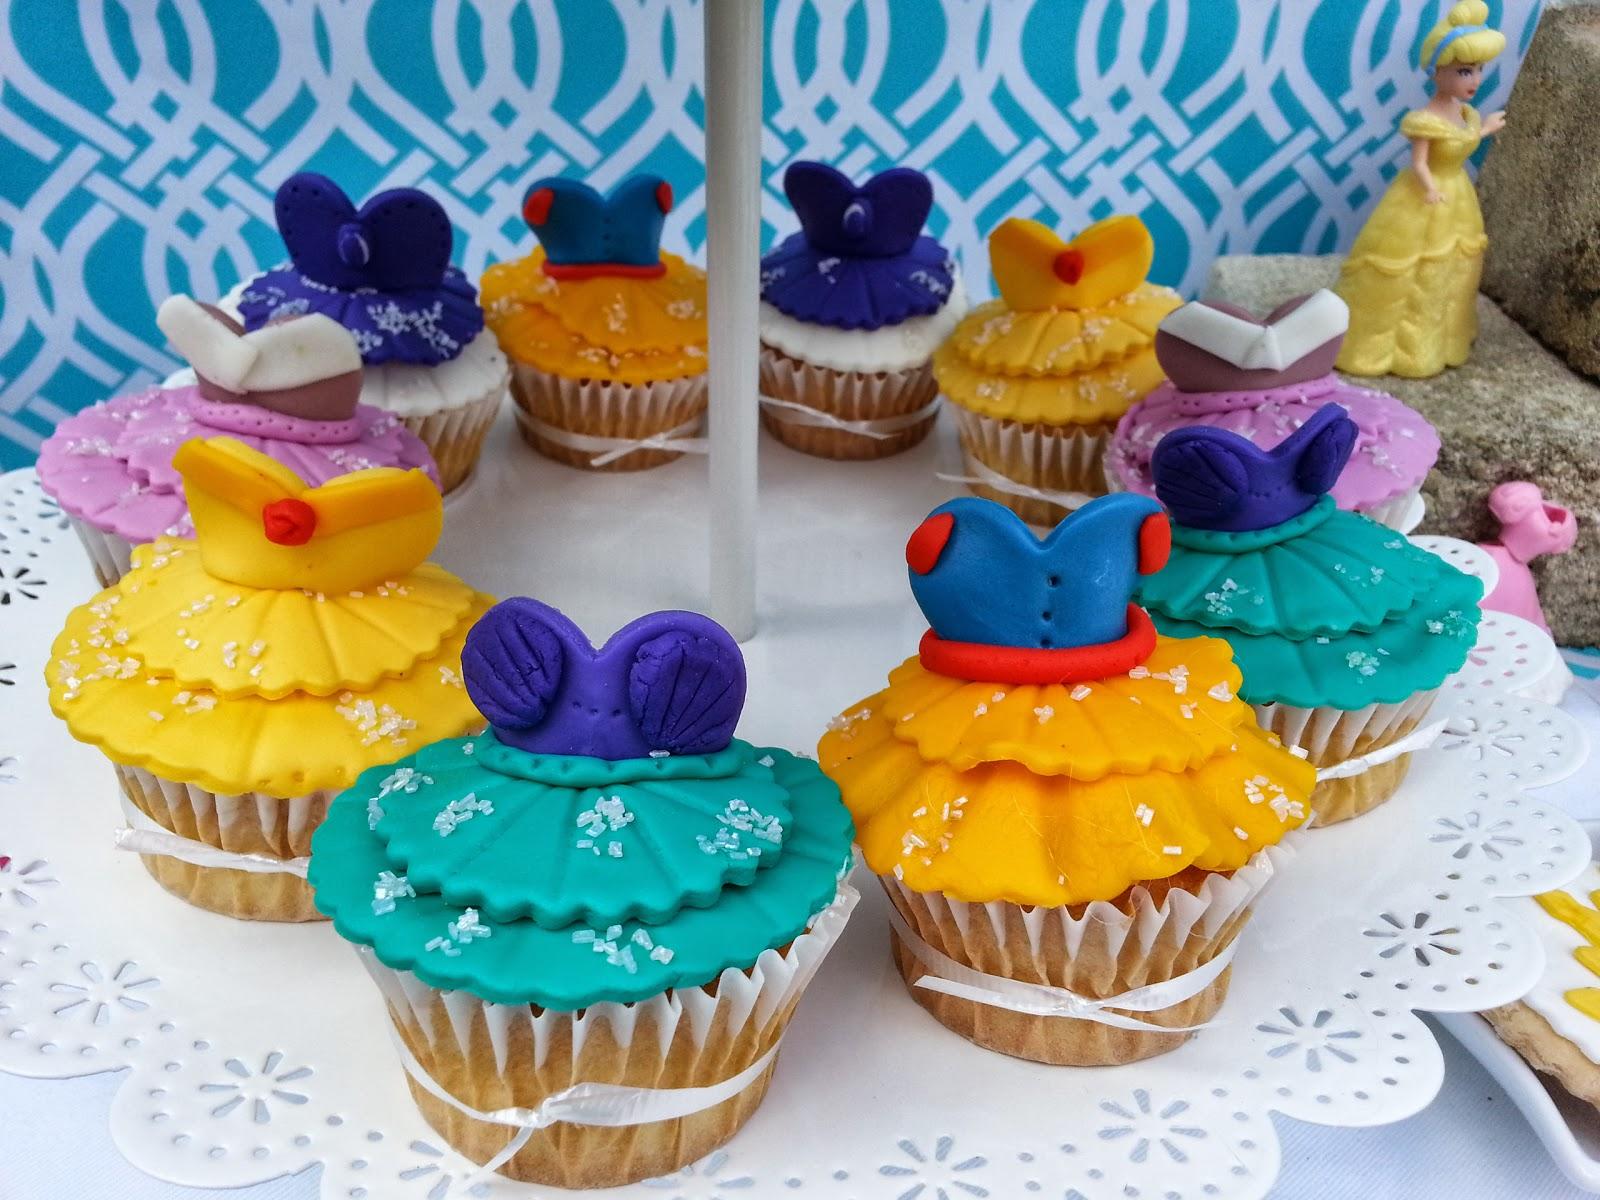 Nana's Theme Party: Disney Princess Dessert Table